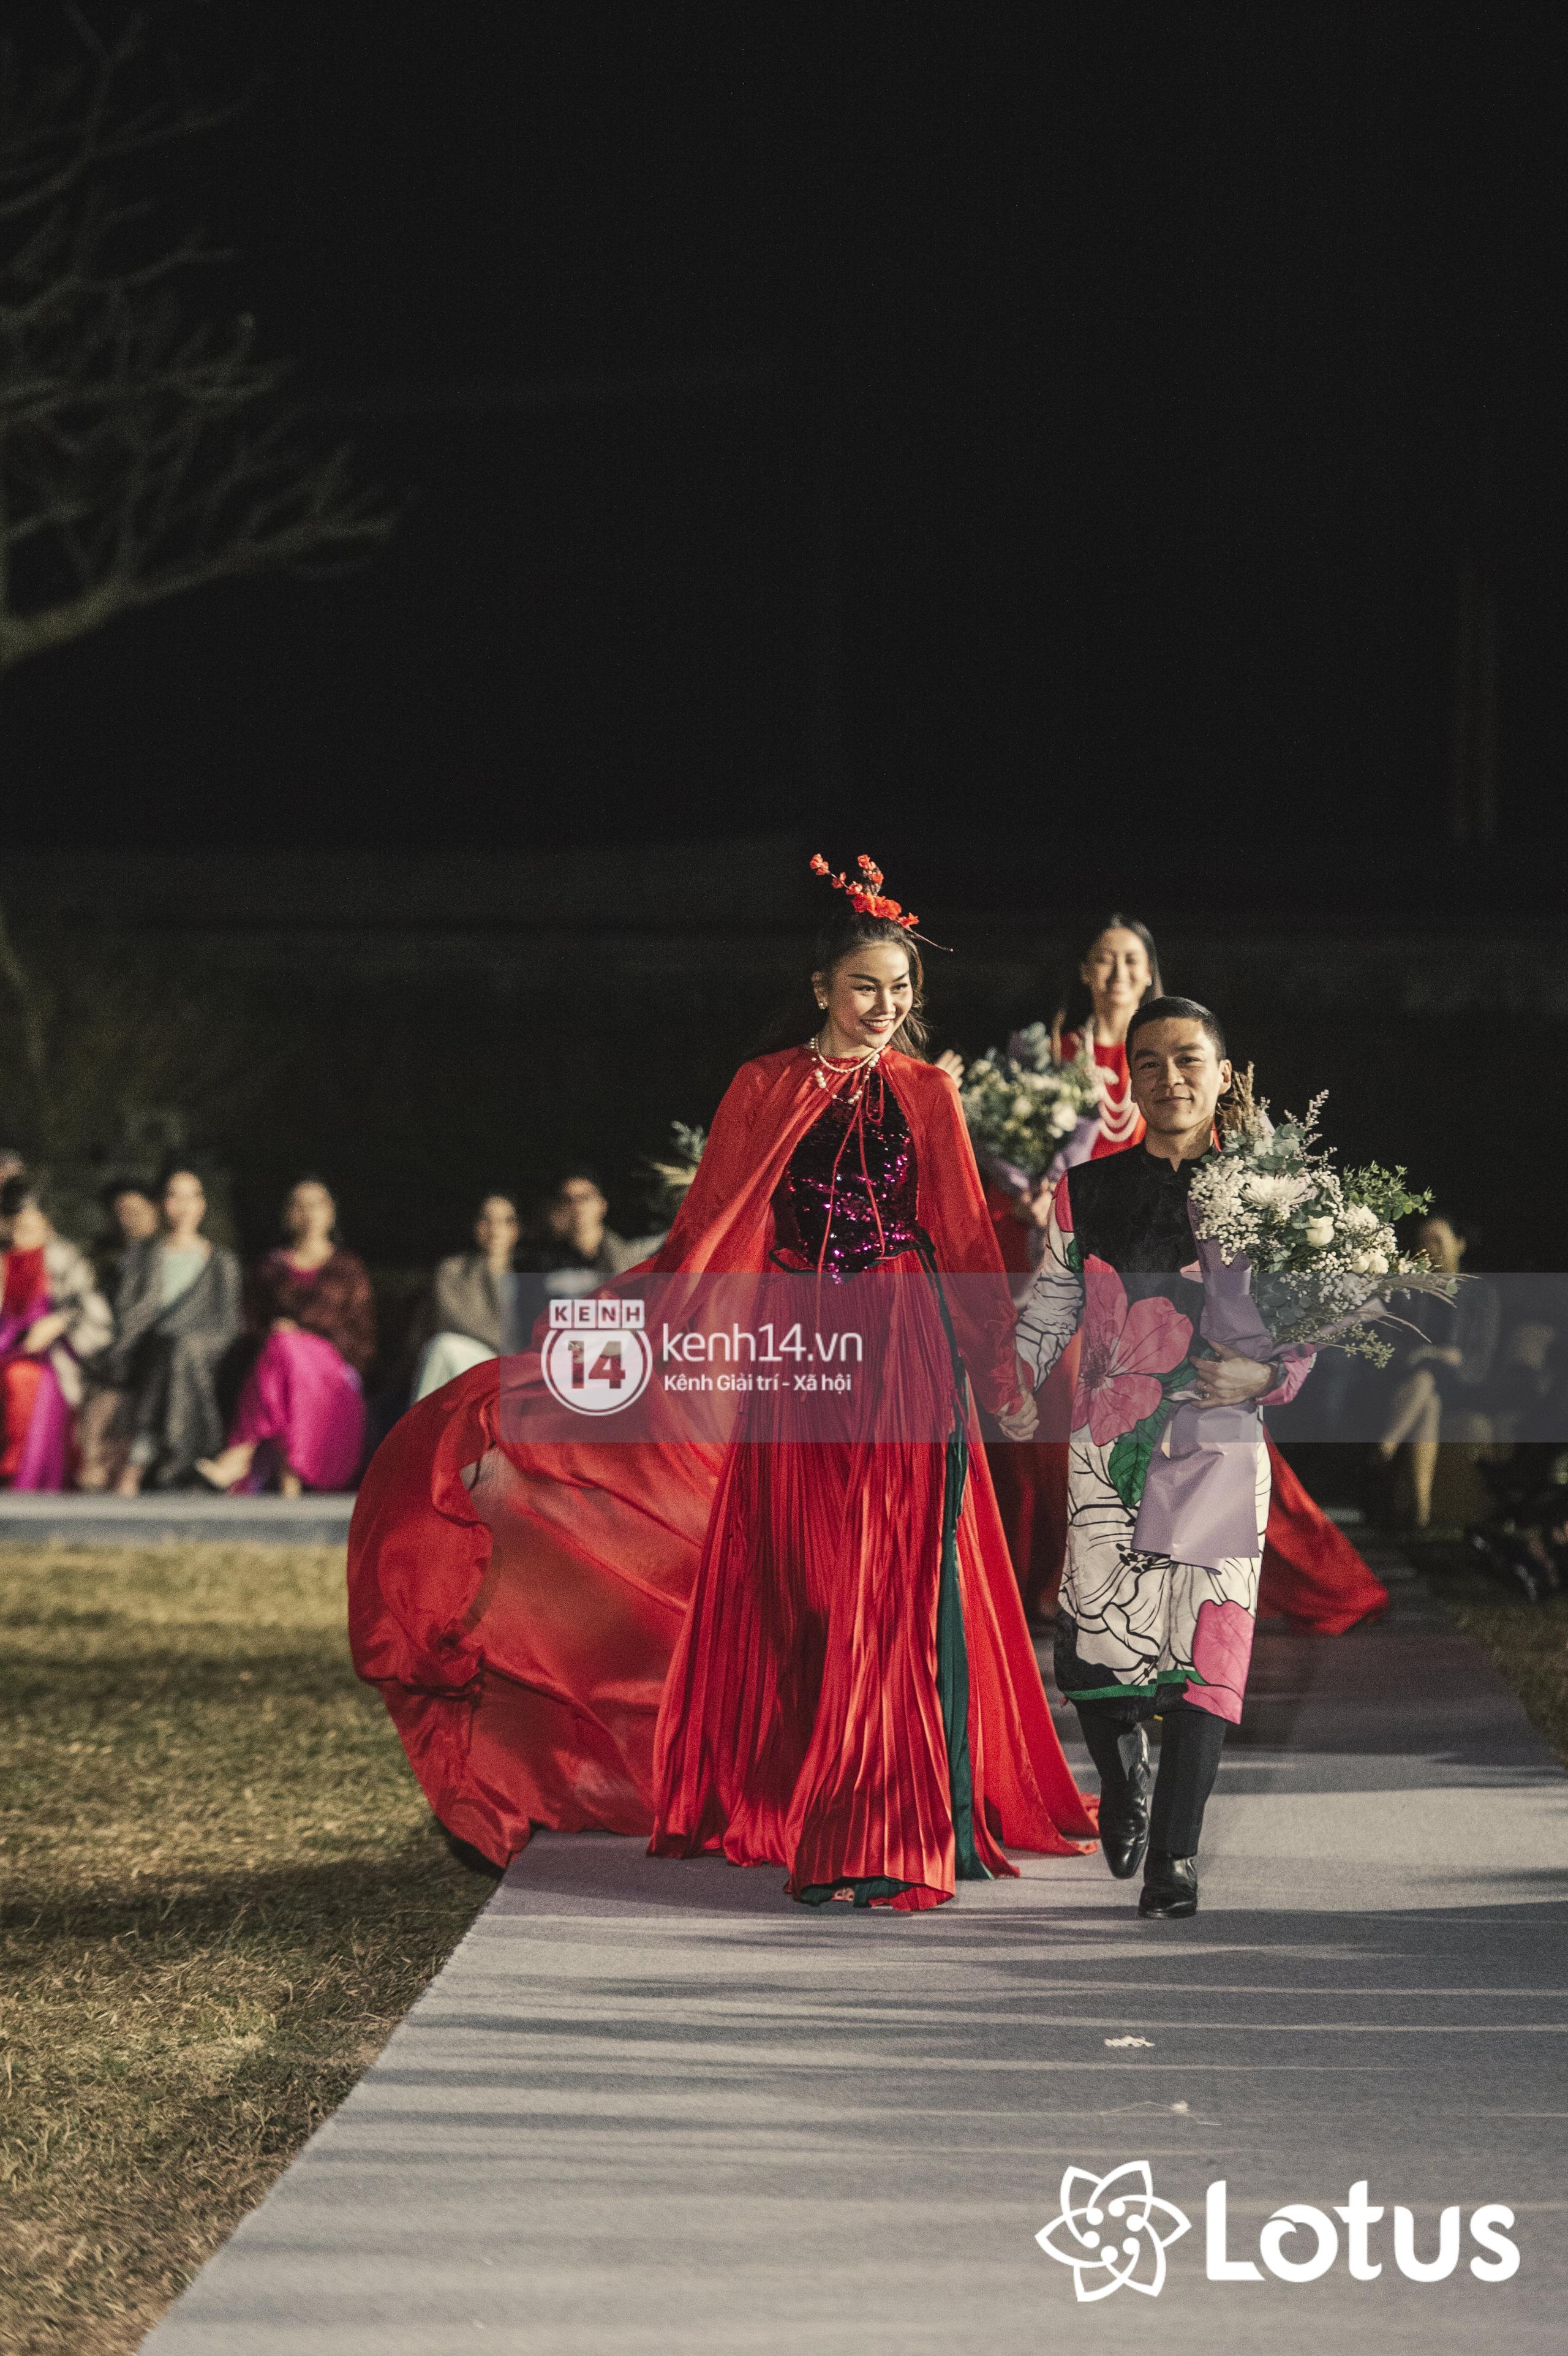 Lương Thuỳ Linh - Đỗ Hà nổi bần bật trong vị trí first face, Thanh Hằng bùng nổ với khí chất nữ thần tại show Đào của NTK Adrian Anh Tuấn - Ảnh 23.